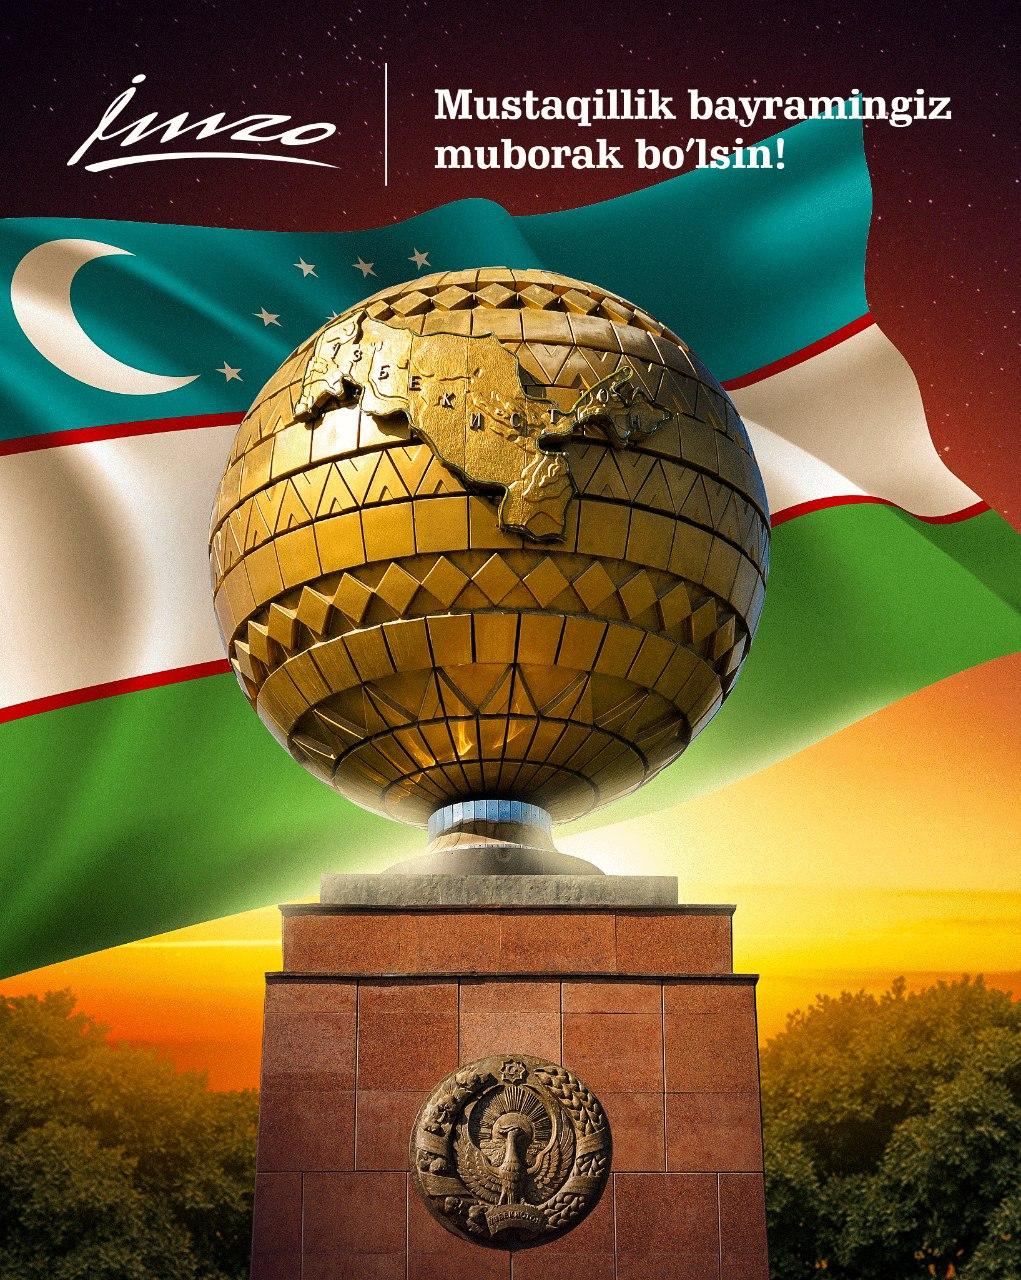 открытка к дню независимости узбекистана большой выбор кошачьих